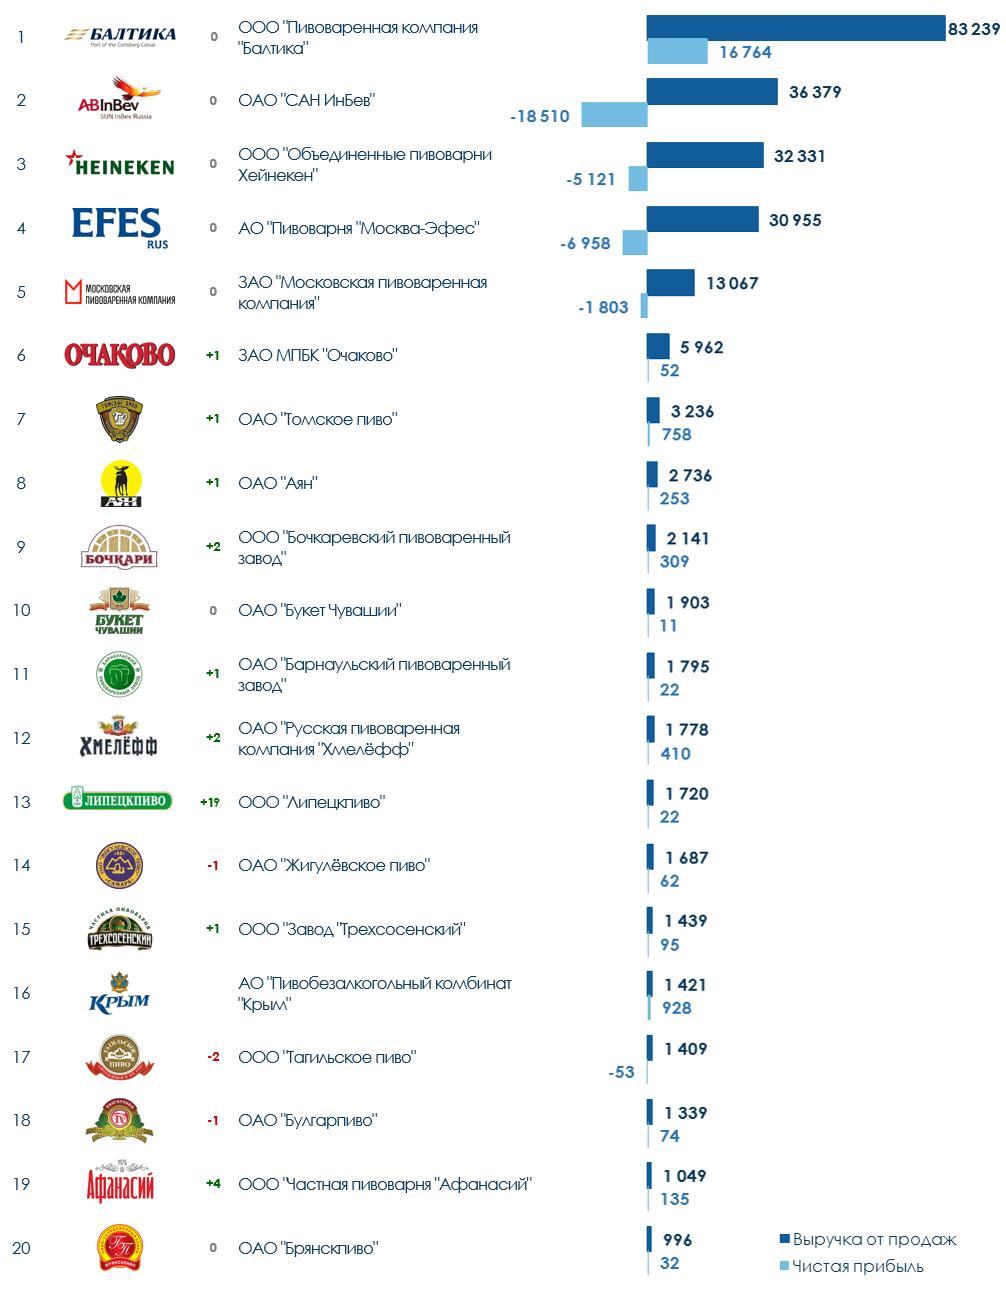 ТОП-20 компаний России в пивоваренной отрасли